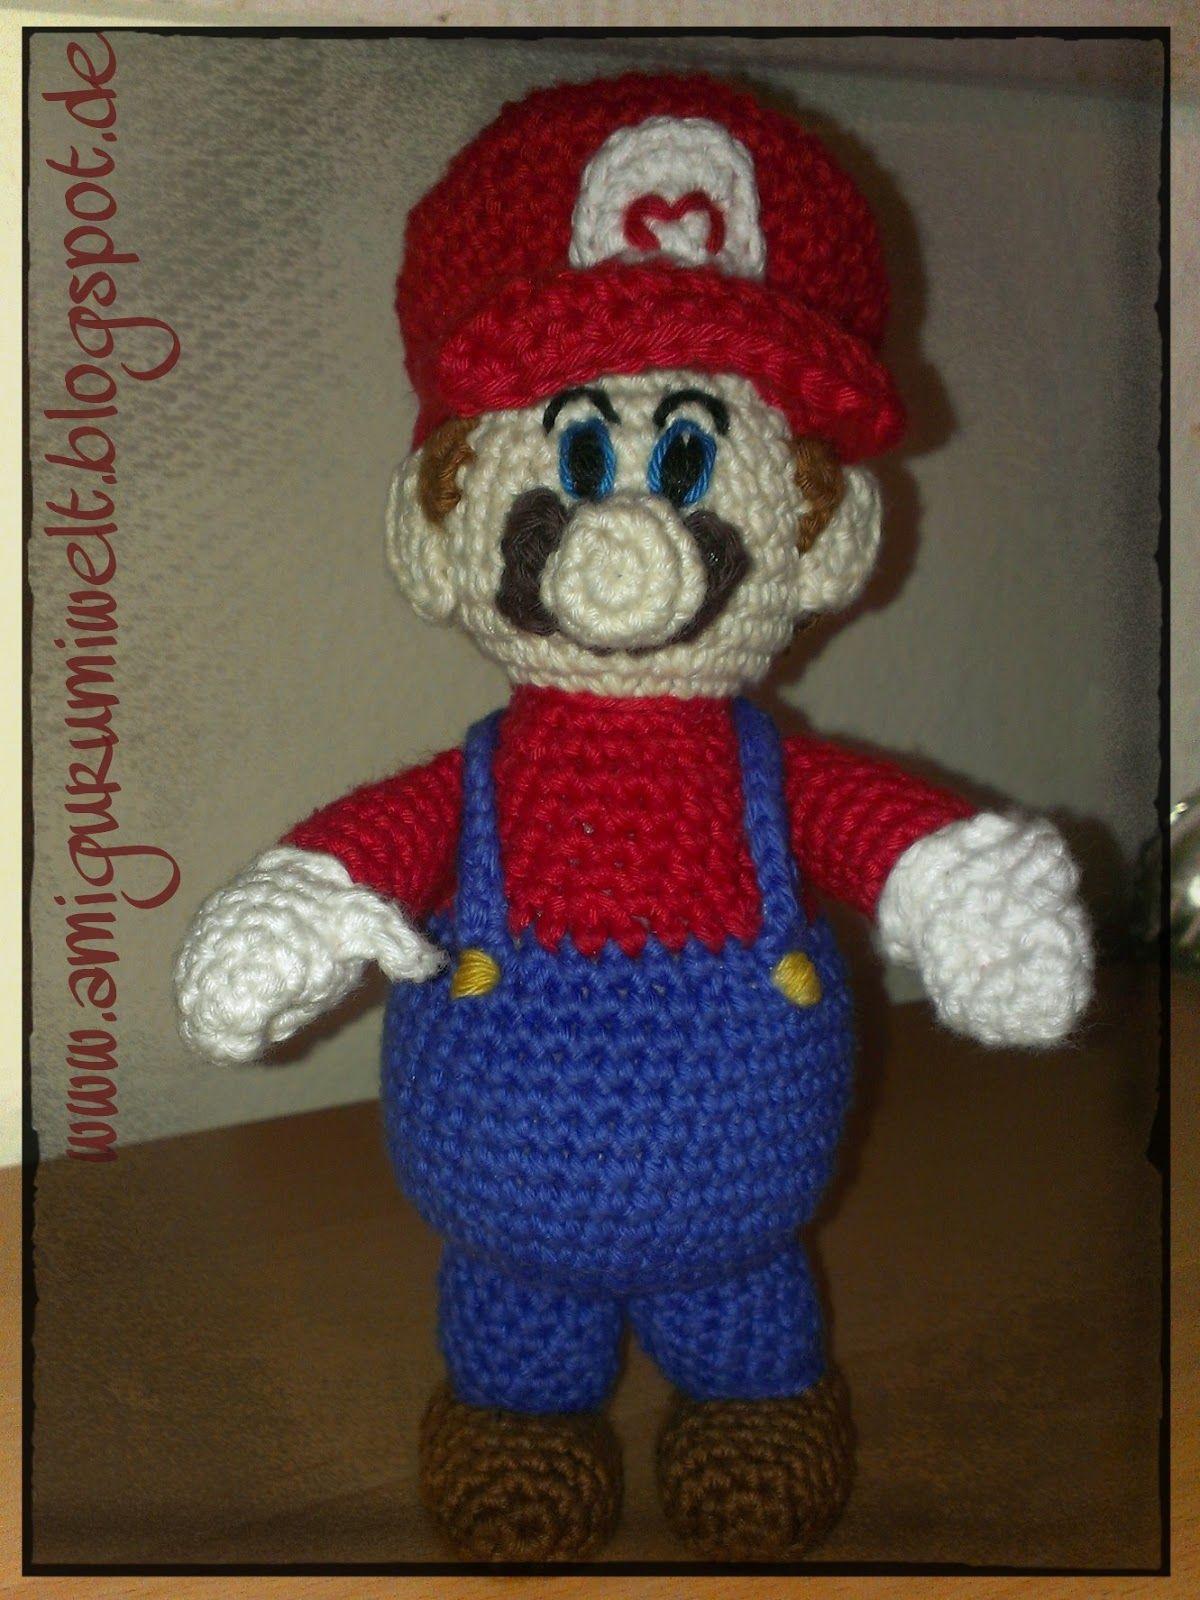 Amigurumi häkeln Mario kostenlos free crochet nintendo übersetzung ...